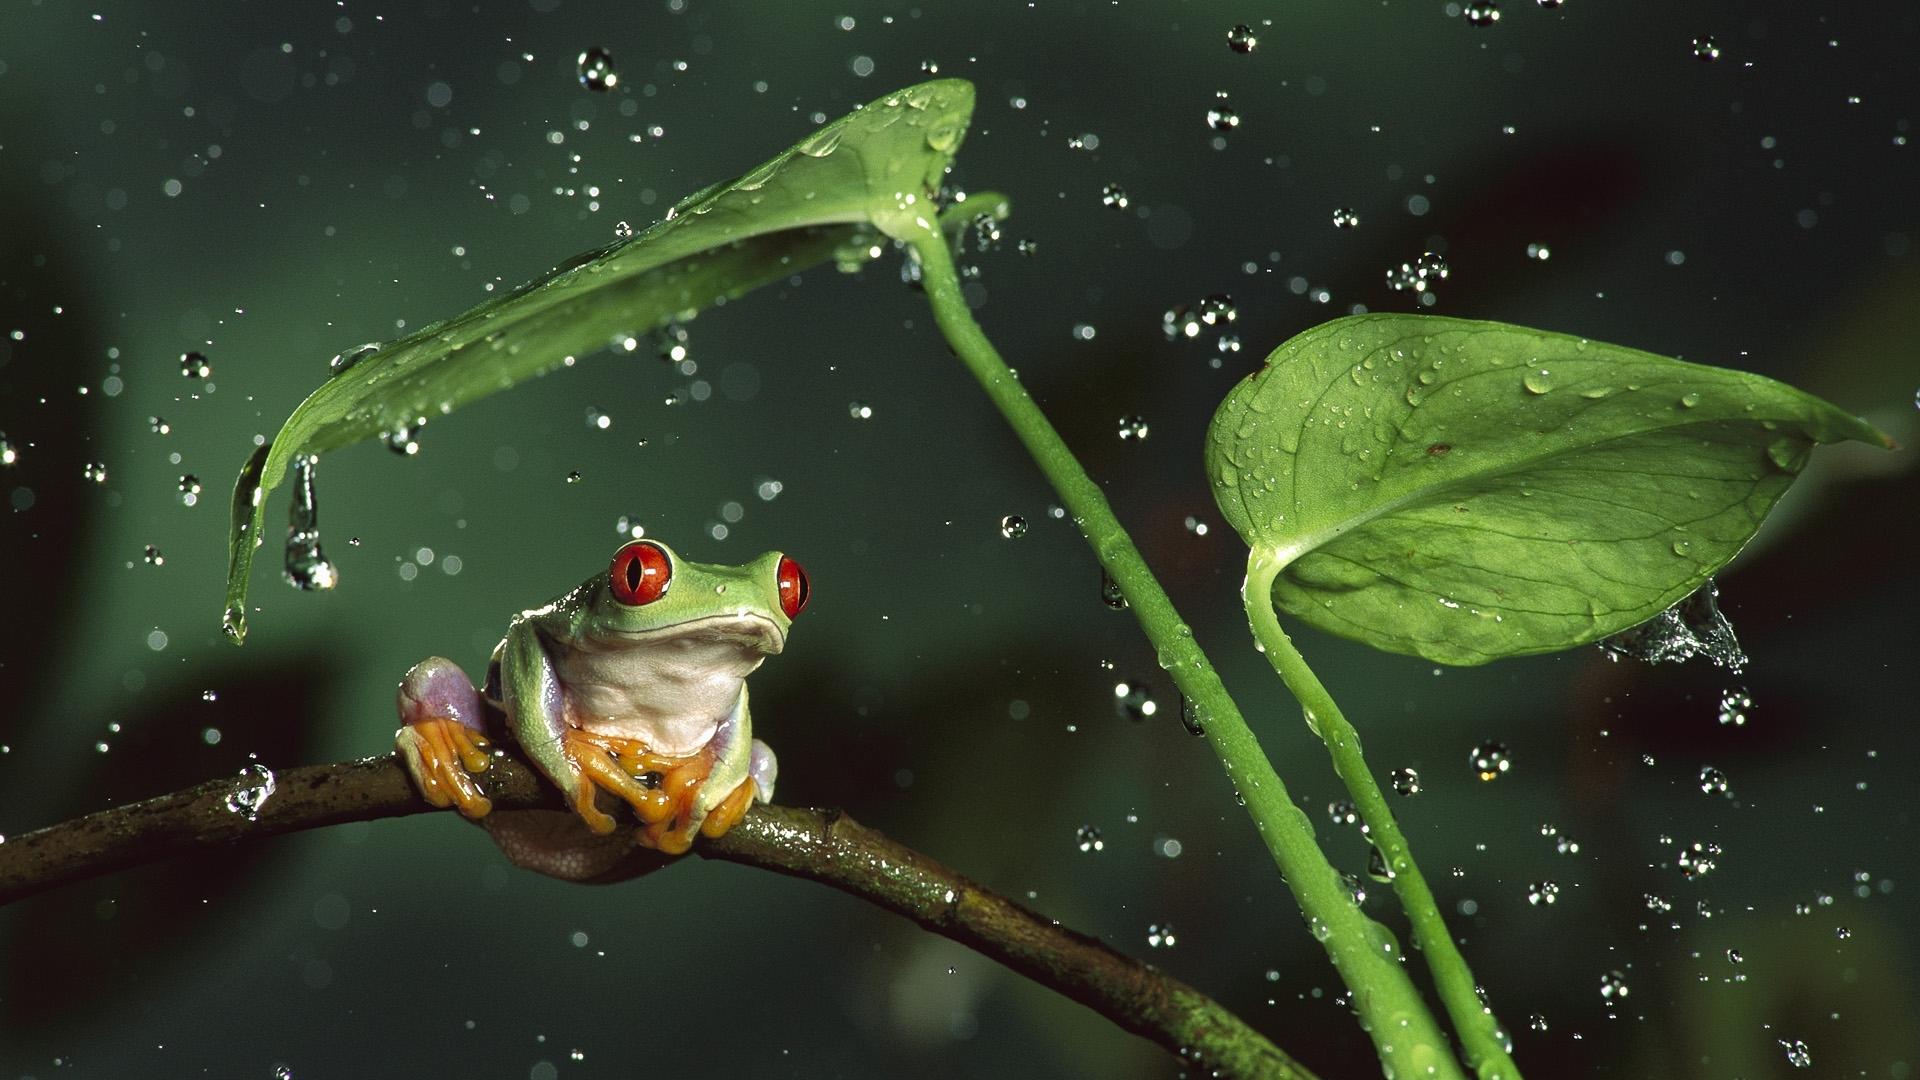 24220 Hintergrundbild herunterladen Tiere, Blätter, Frösche, Drops - Bildschirmschoner und Bilder kostenlos